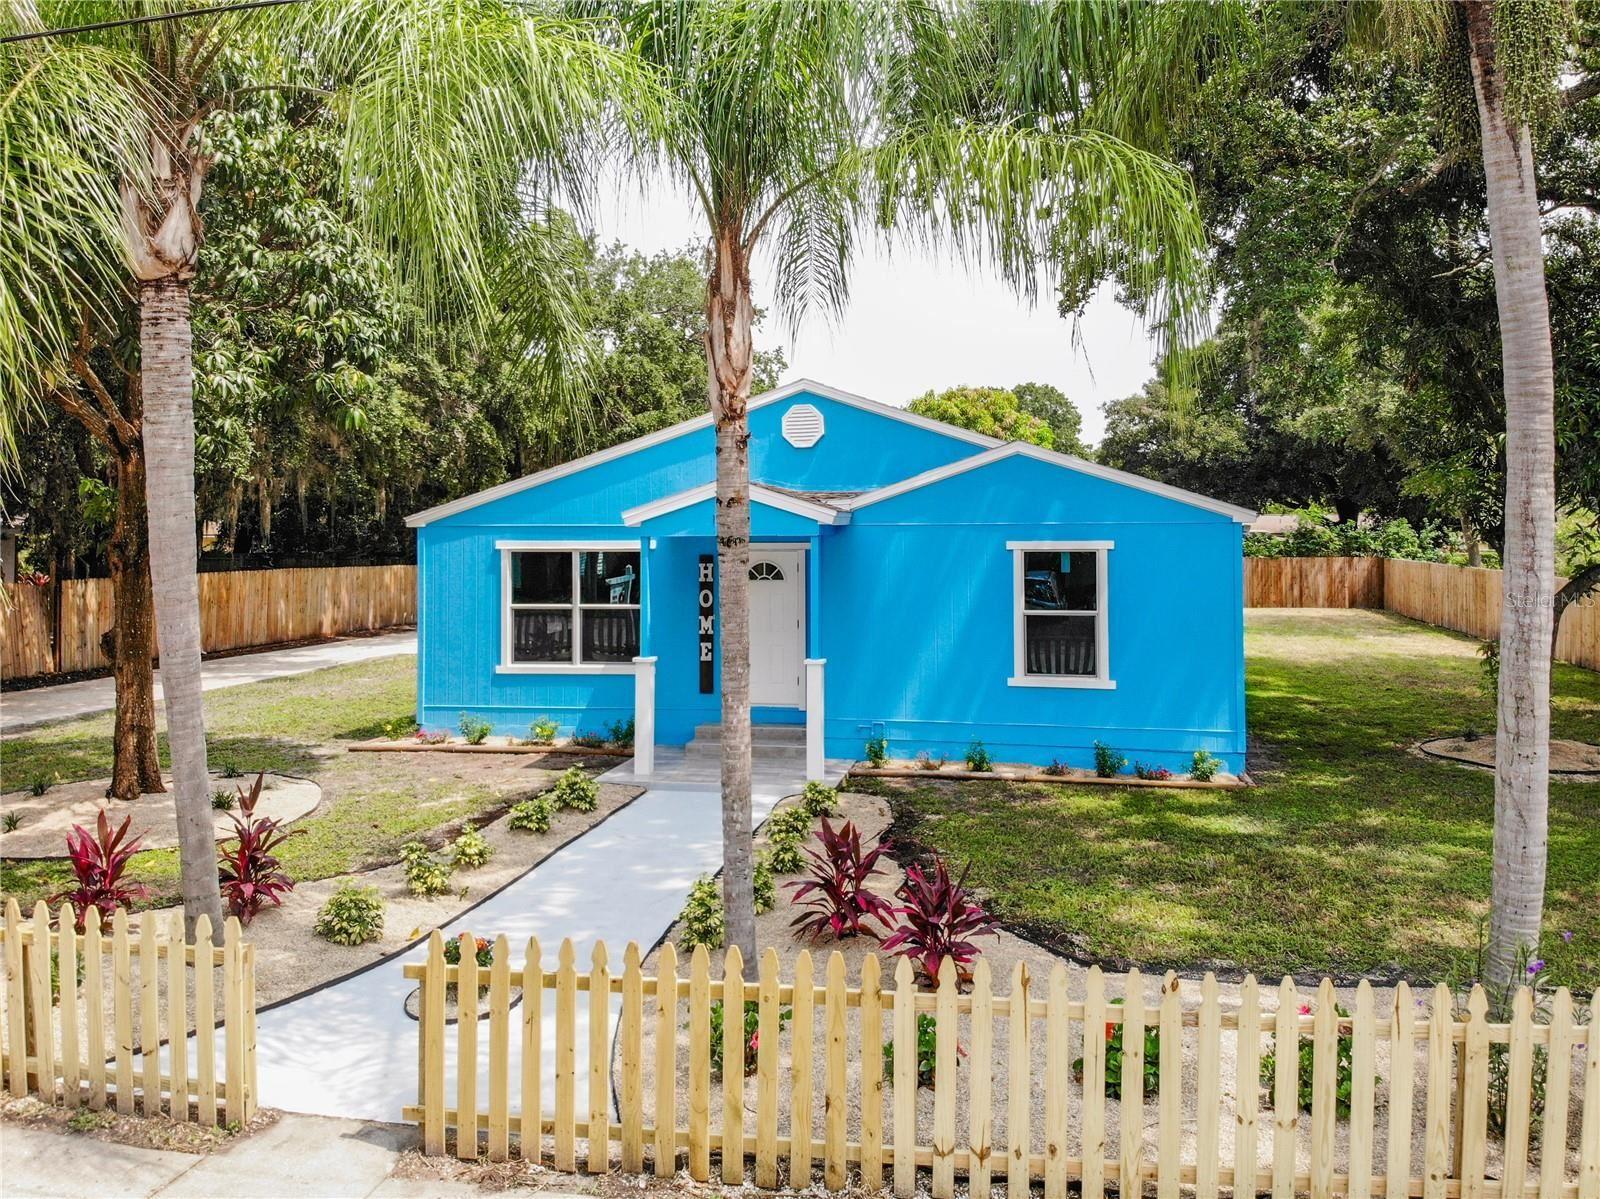 Photo of 1367 21ST STREET, SARASOTA, FL 34234 (MLS # A4507394)